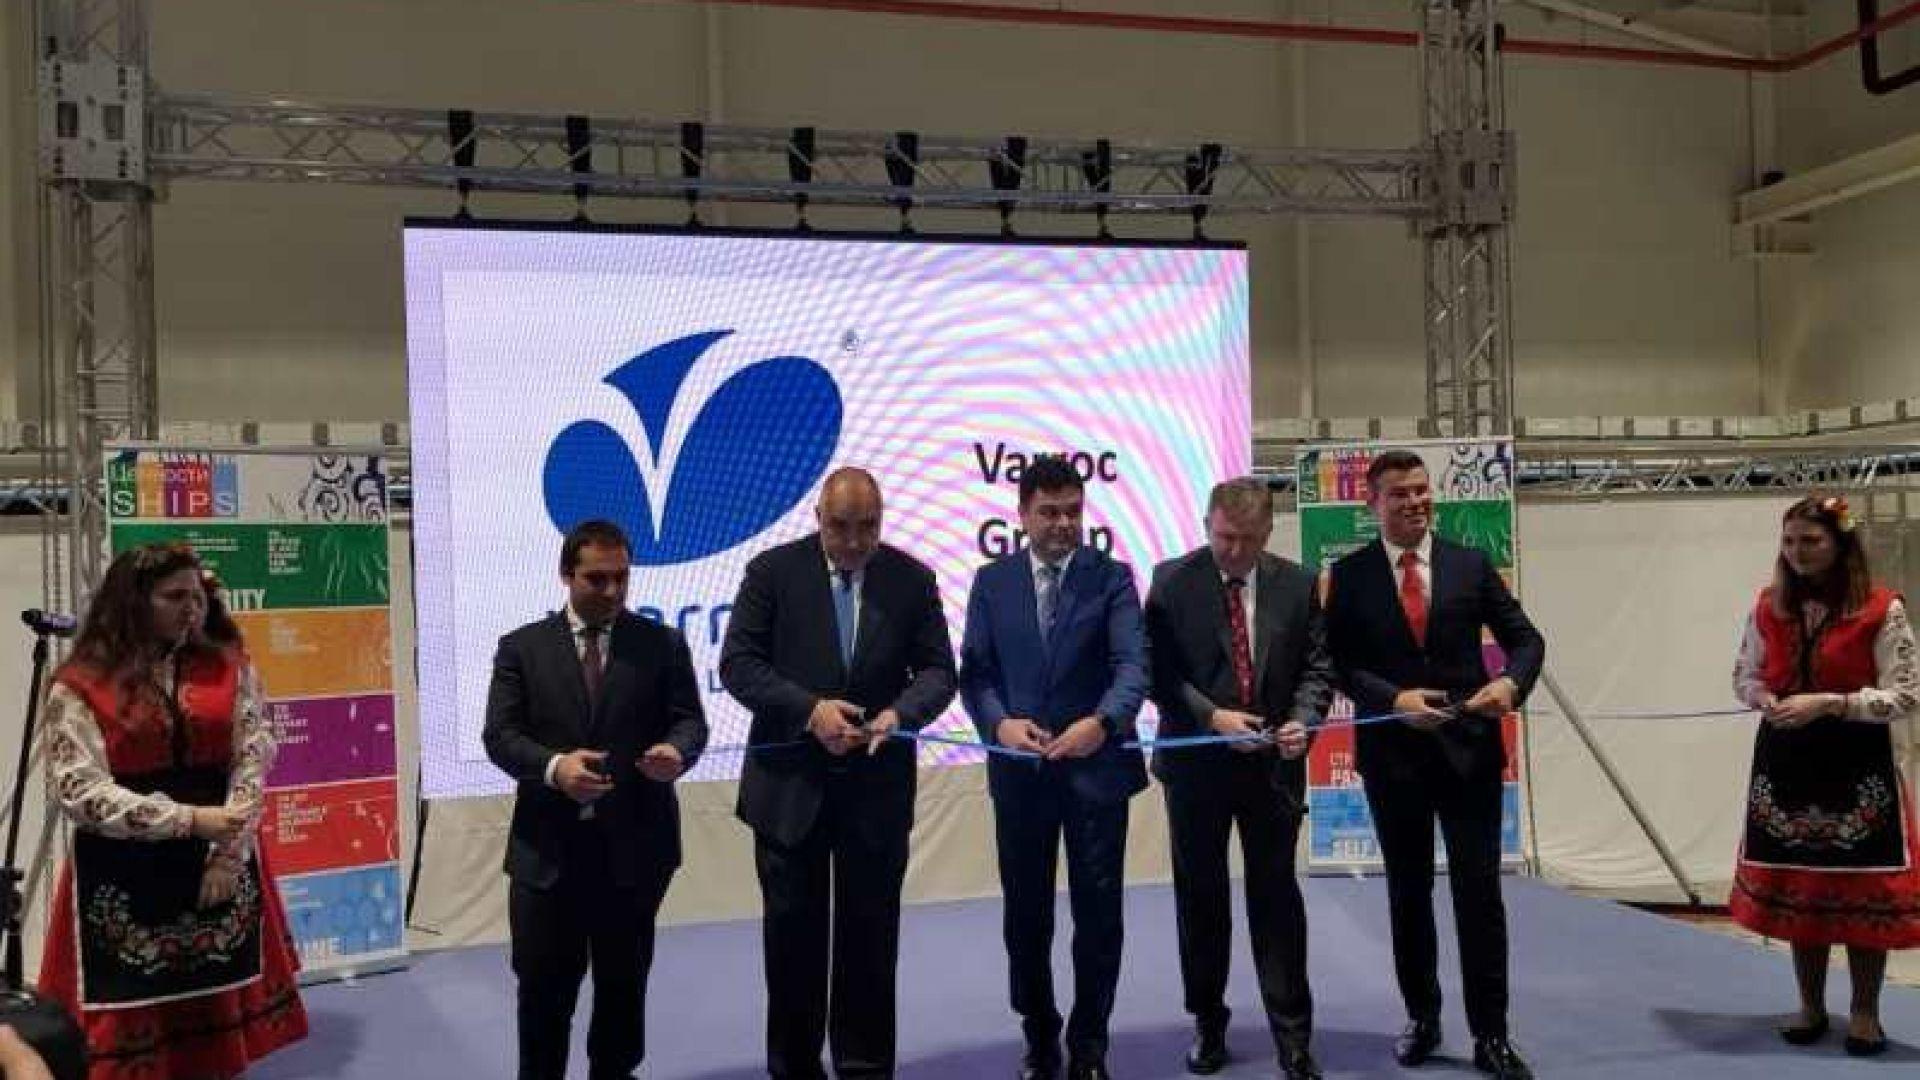 Борисов: Правим завод след завод, а спекулациите на тема инвестиции не спират